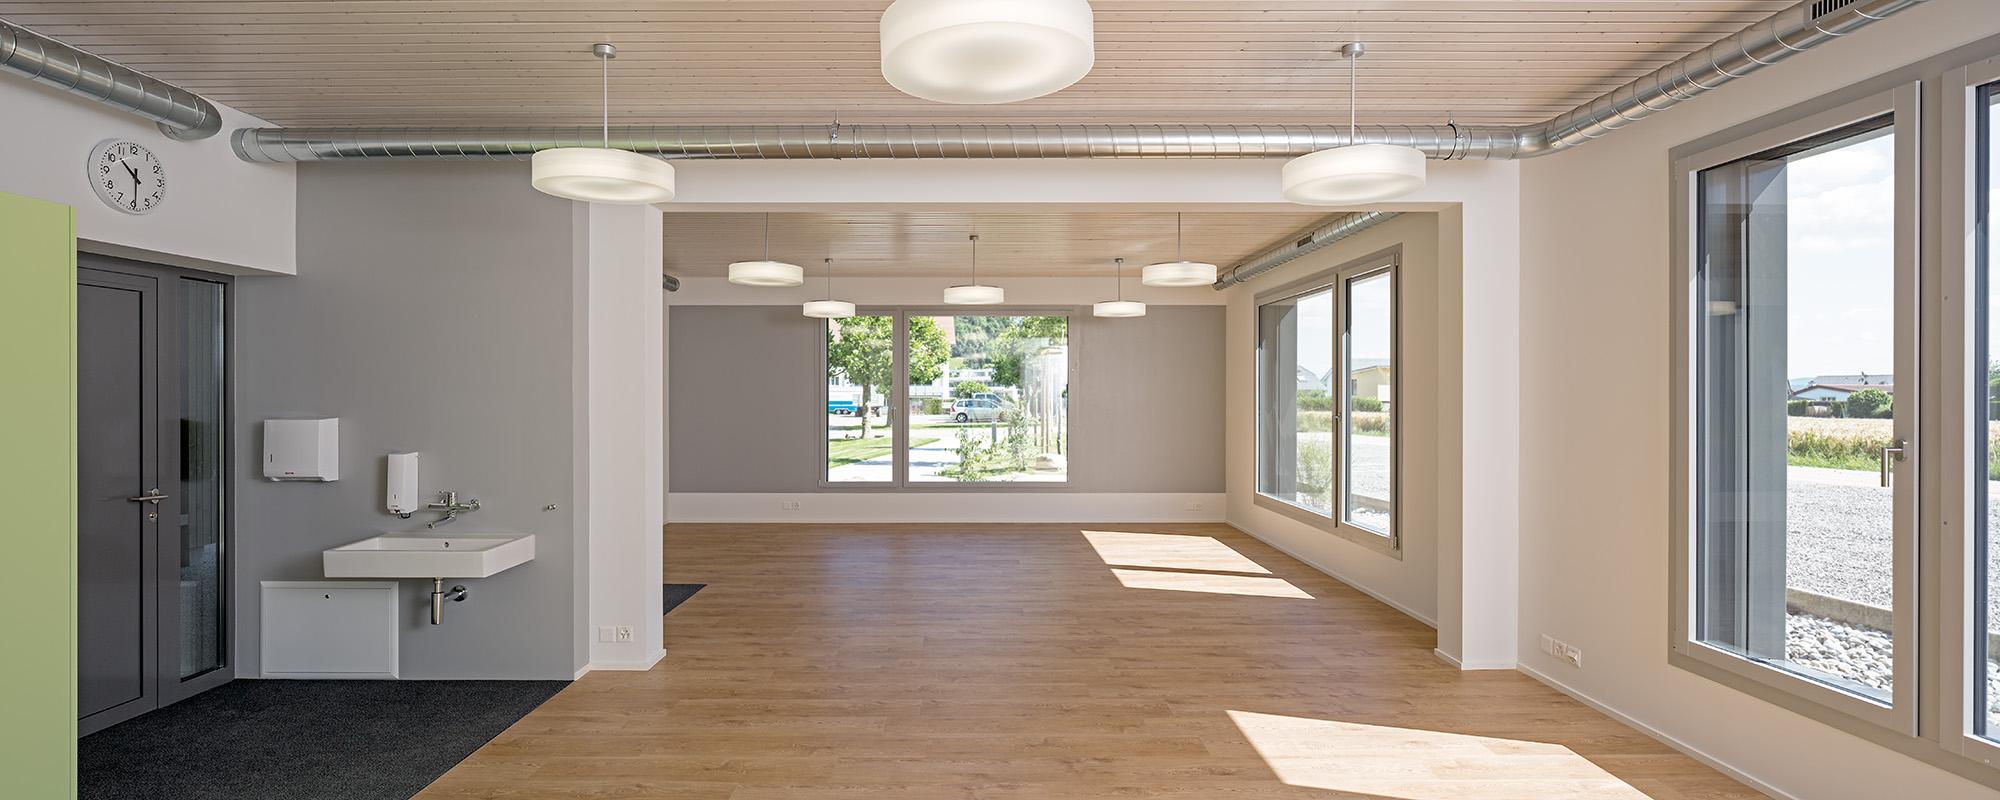 Innenausbau Neubau/Erweiterung Schulanlage, Brunegg